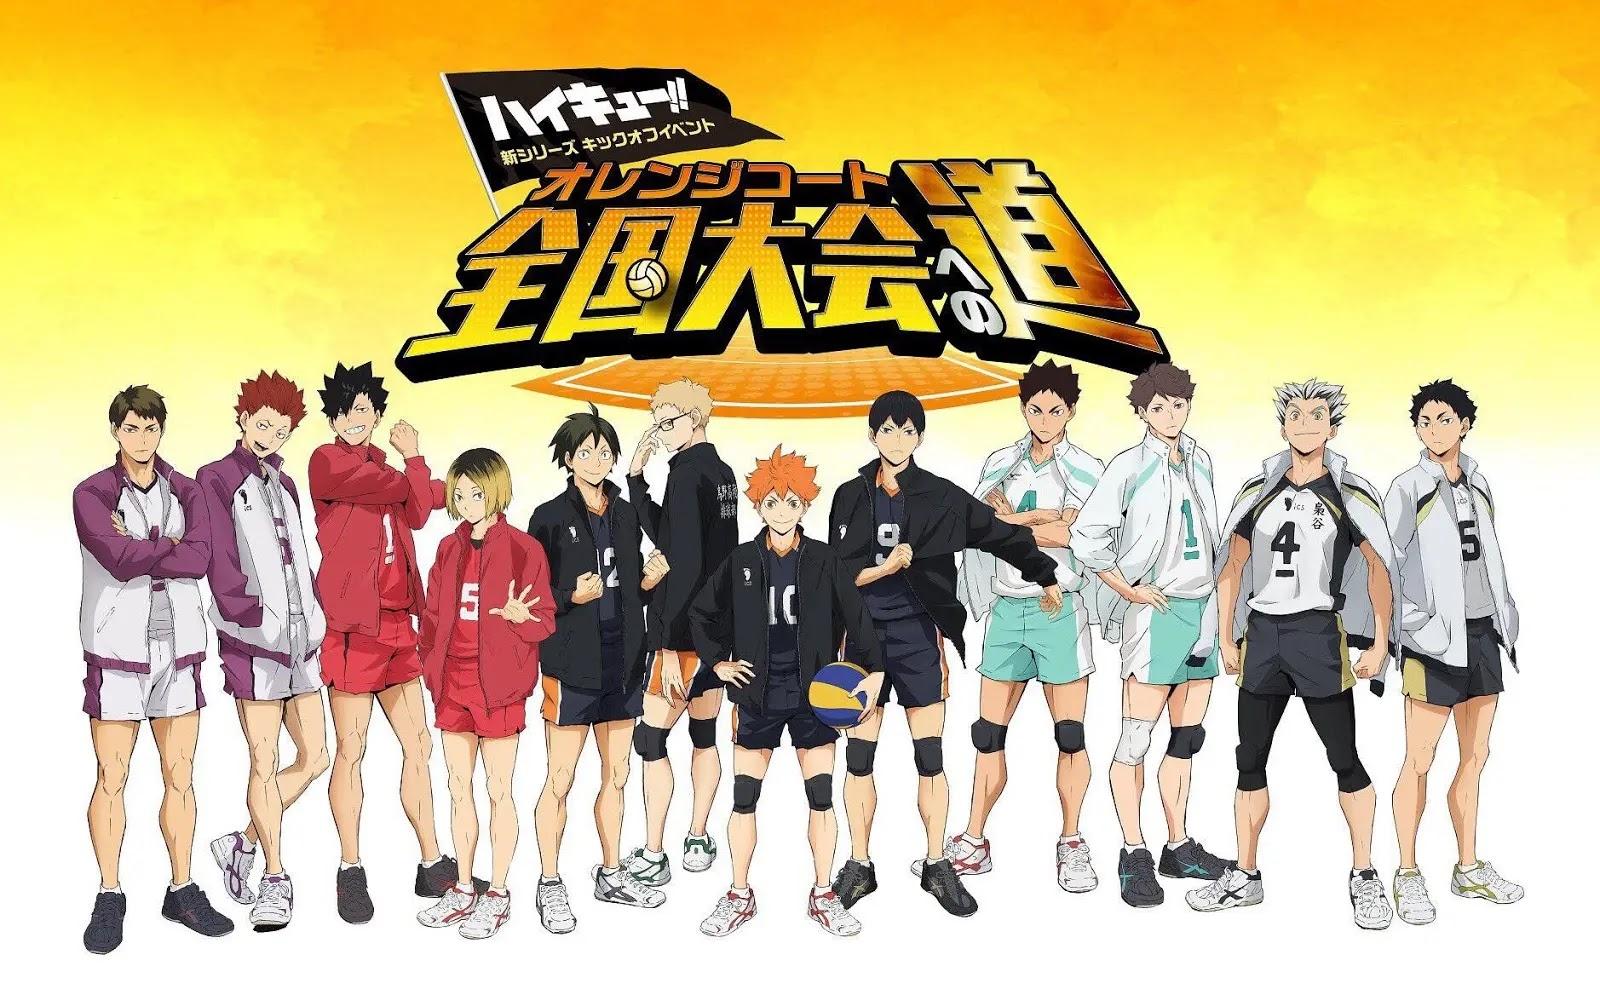 انمي هايكيو إلى القمة الموسم الثاني Haikyuu To the Top Season 2 الحلقة 1 مترجمة اون لاين انمي هايكيو Haikyuu الجزء الخامس على موقع ot4ku.